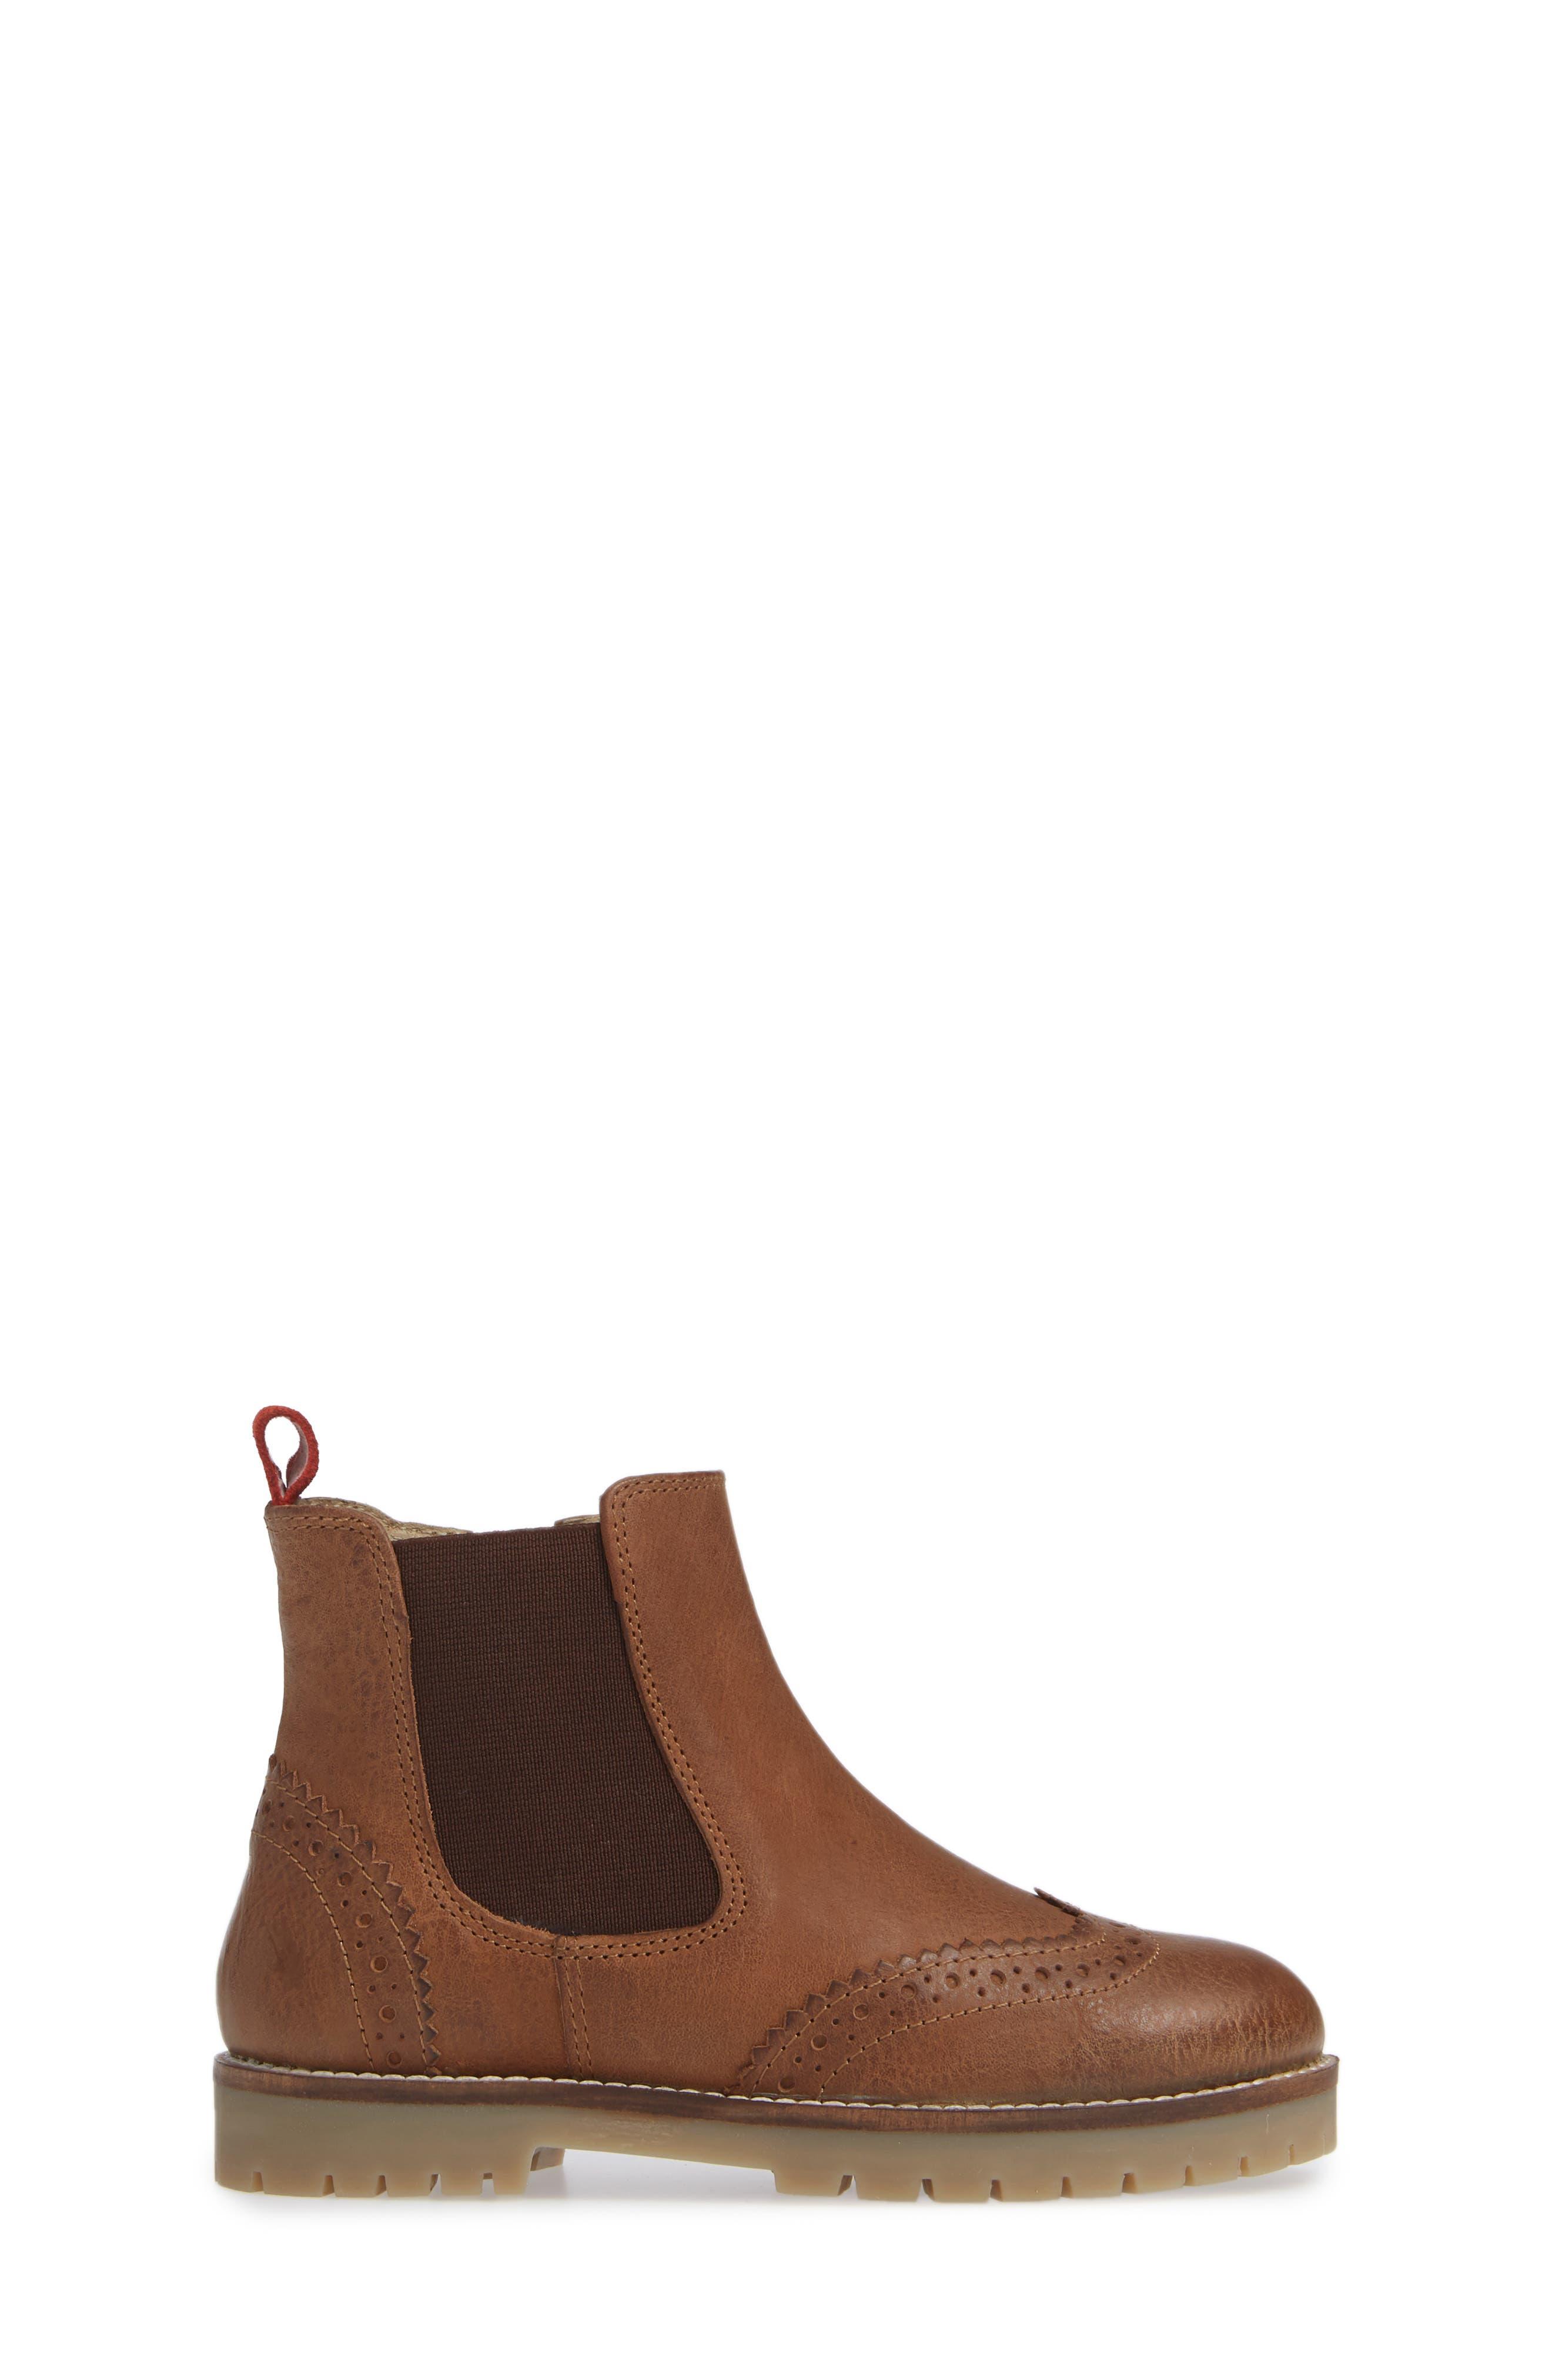 Mini Boden Chelsea Boot,                             Alternate thumbnail 3, color,                             TAN